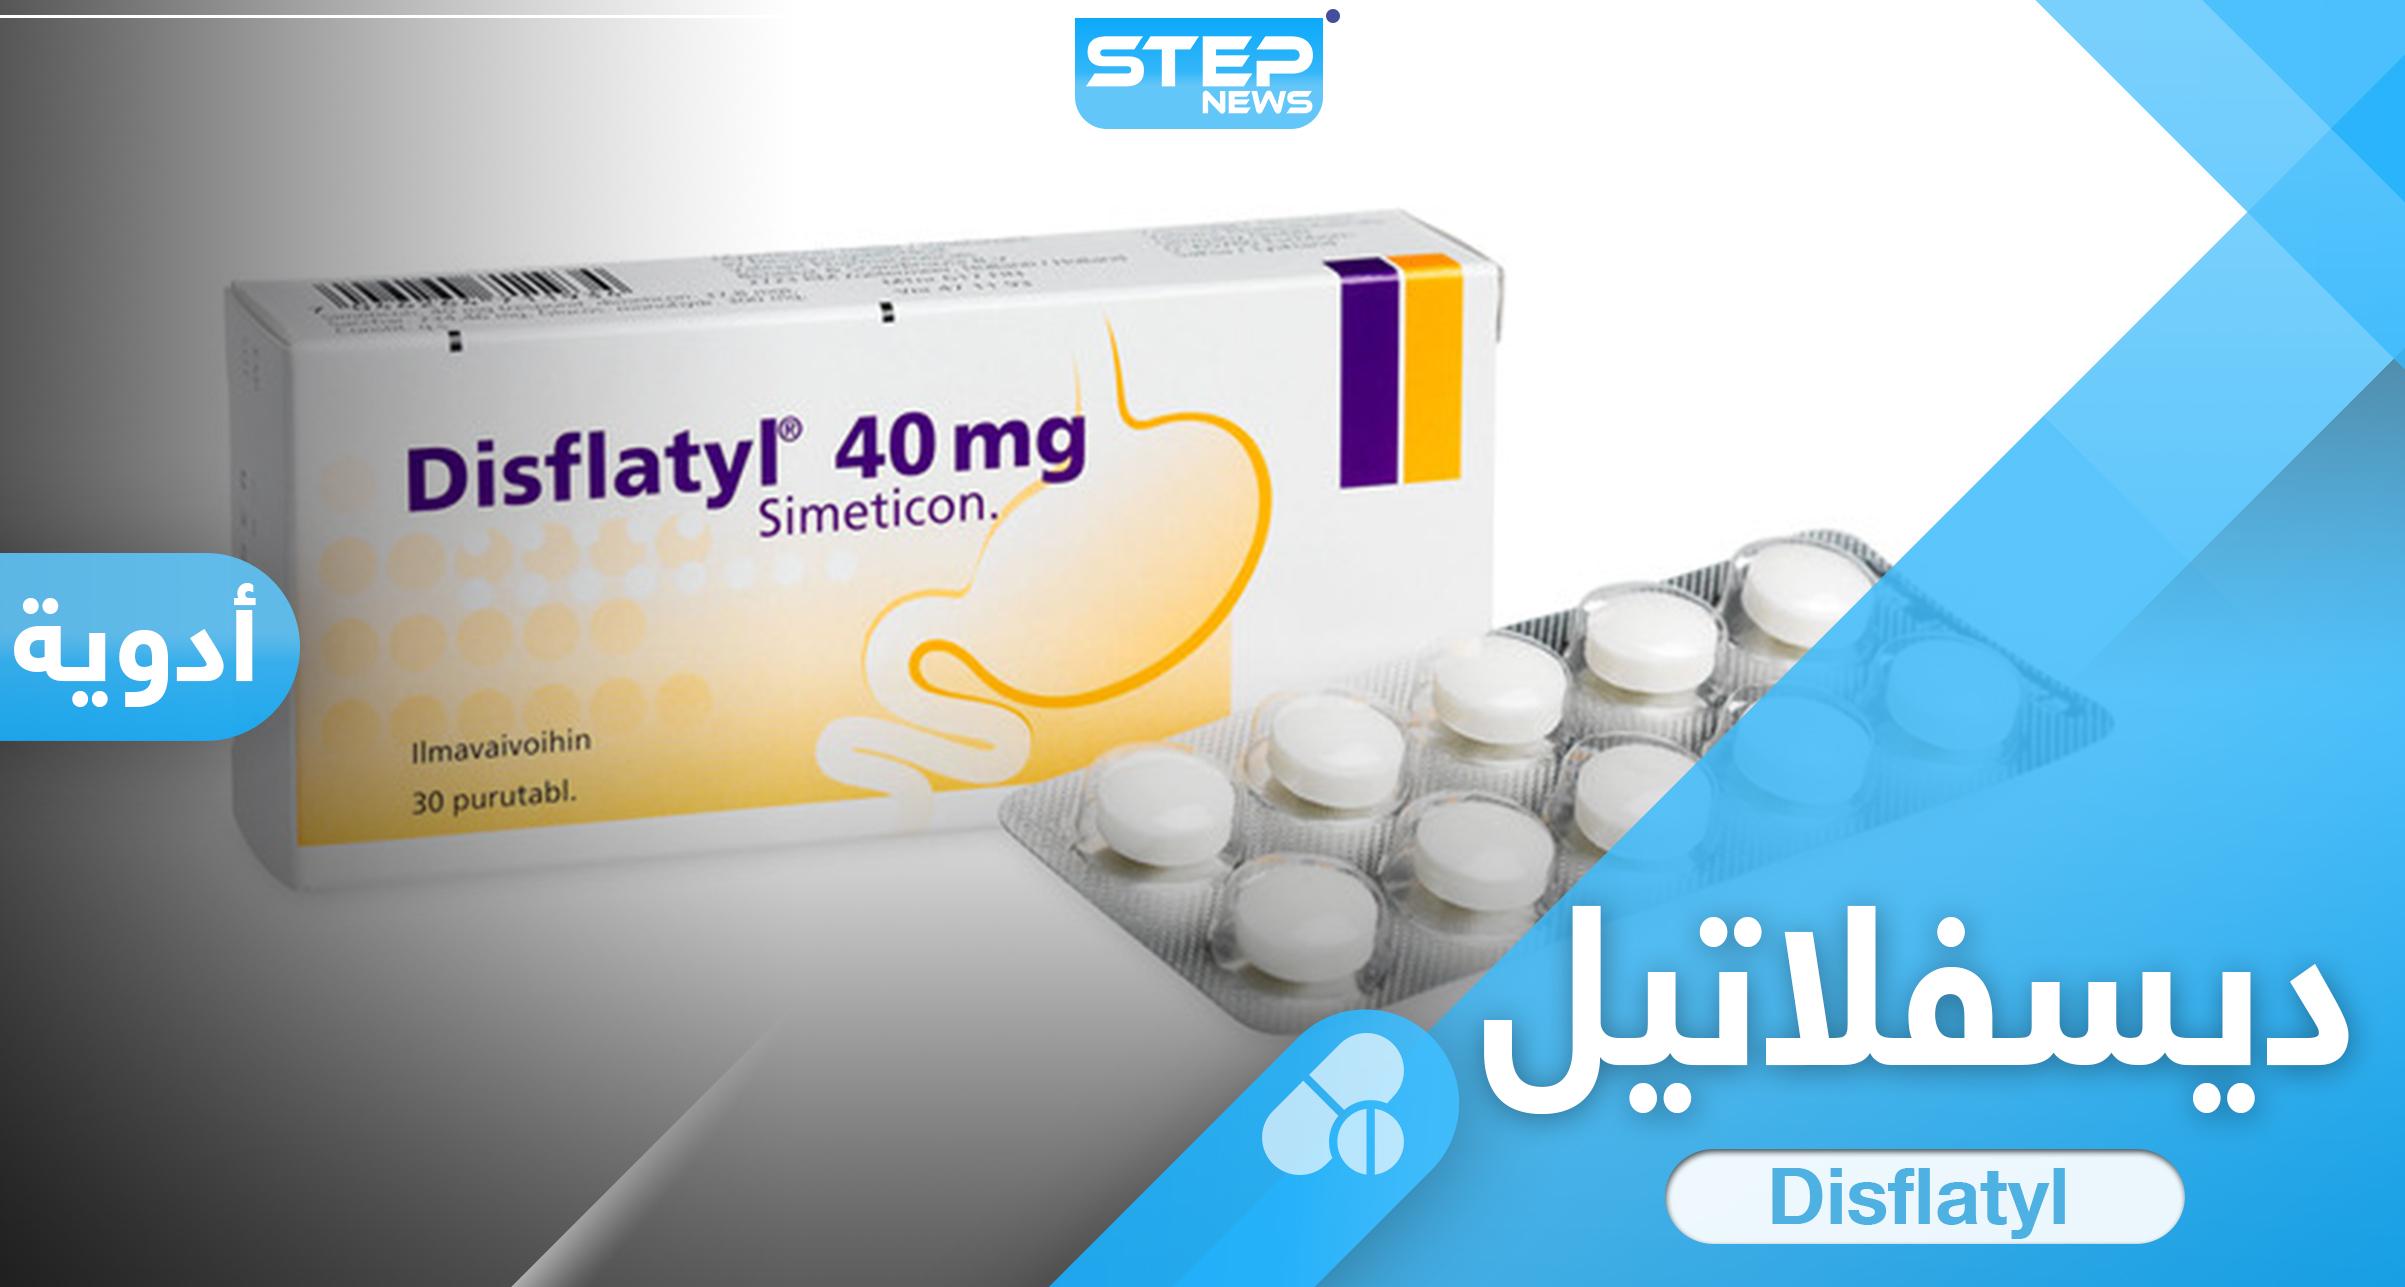 هل يسبب ديسفلاتيل أقراص الفشل الكلوي تعرف على الاستخدامات والأضرار وكالة ستيب الإخبارية